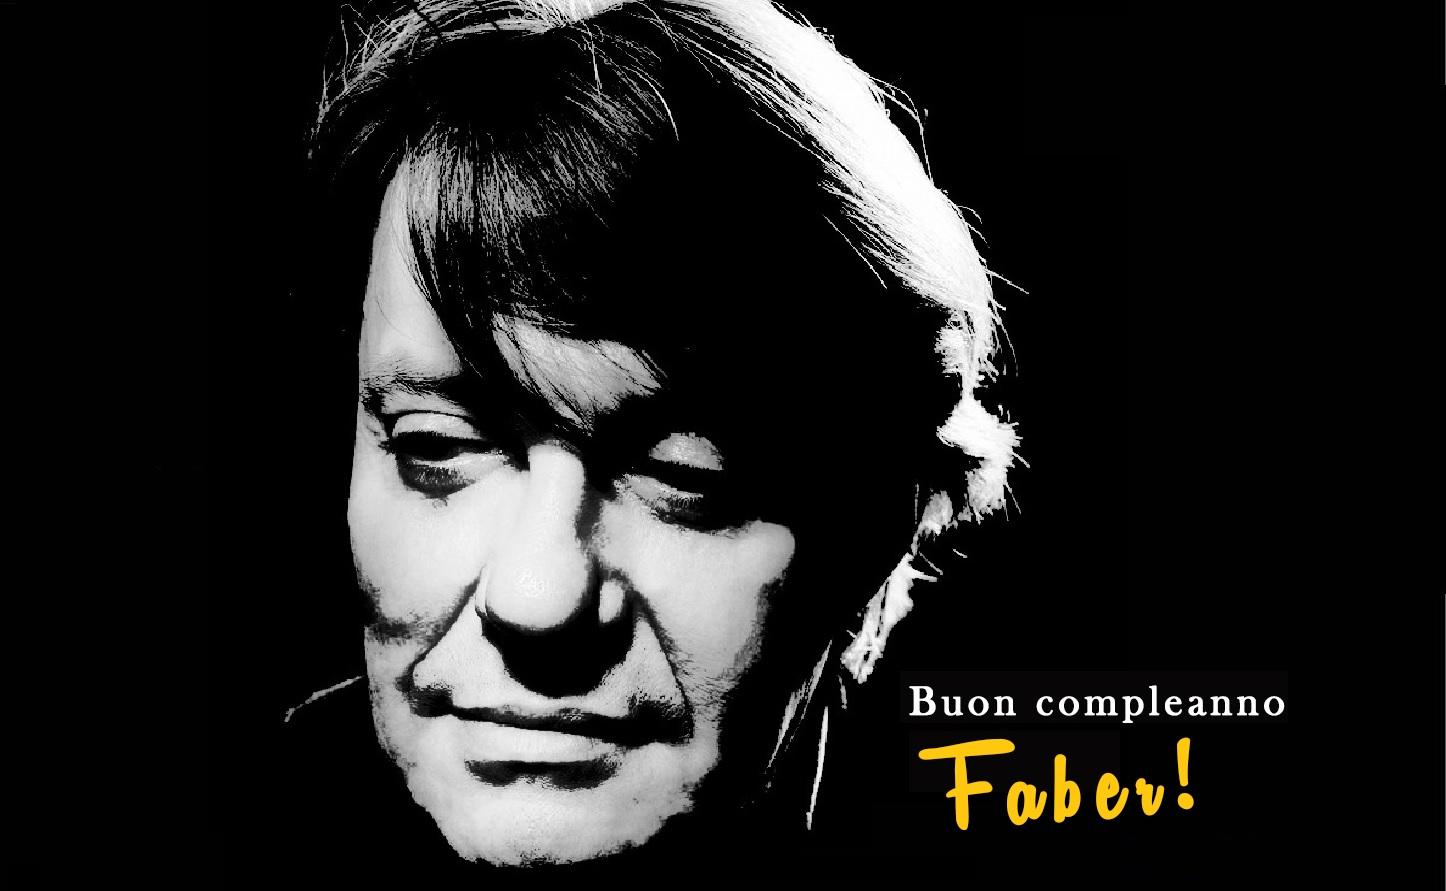 Buon compleanno Faber, Recanati ricorda Fabrizio De Andrè